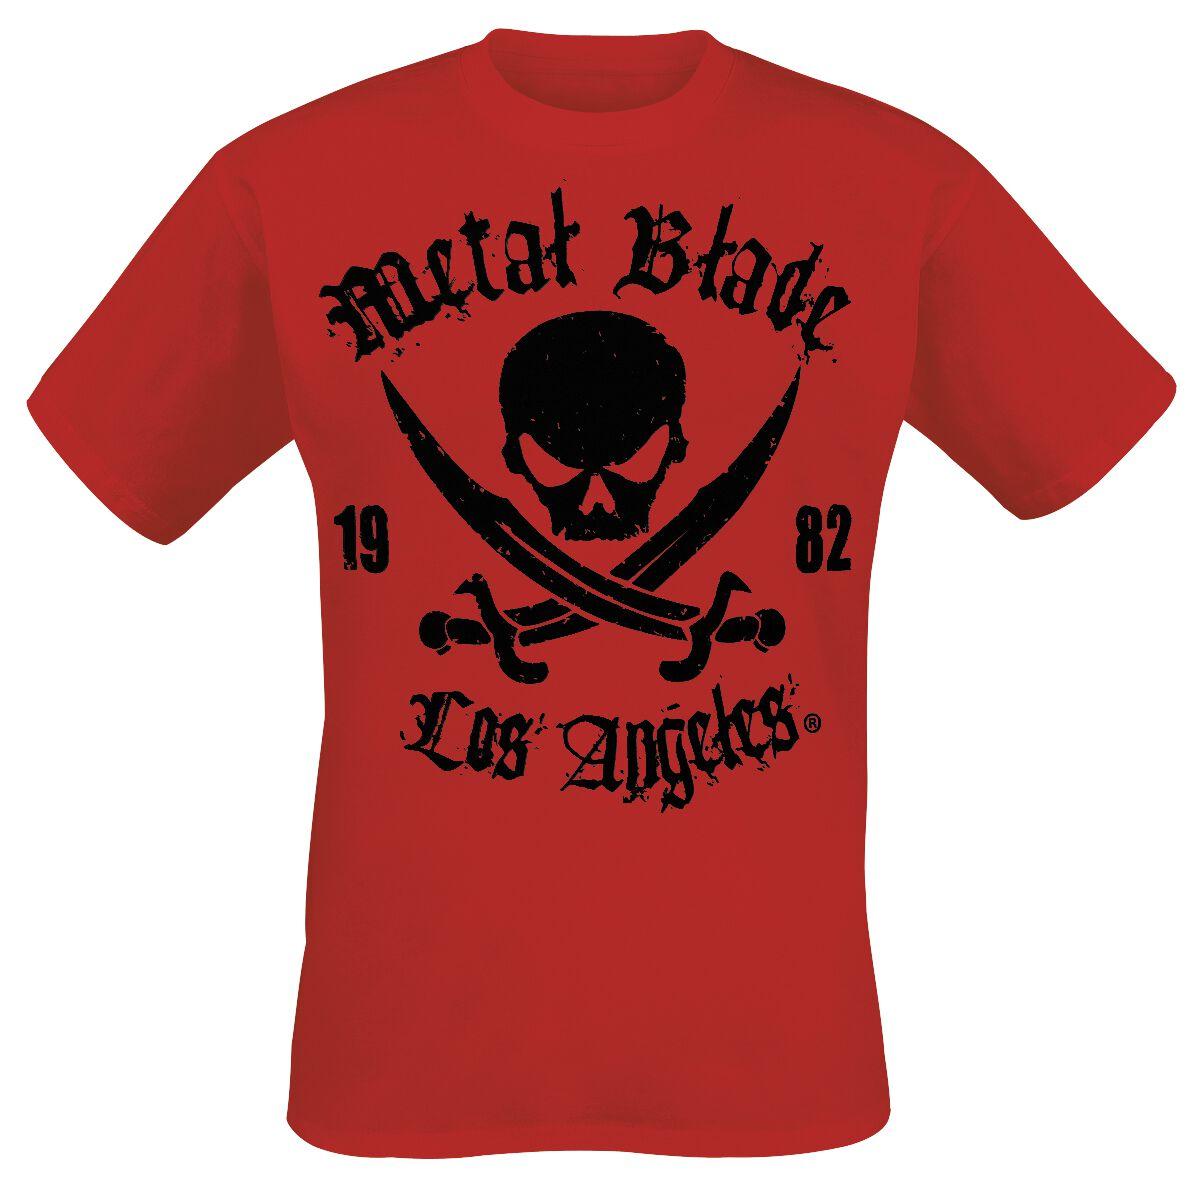 Merch dla Fanów - Koszulki - T-Shirt Metal Blade Pirate Logo T-Shirt czerwony - 289818